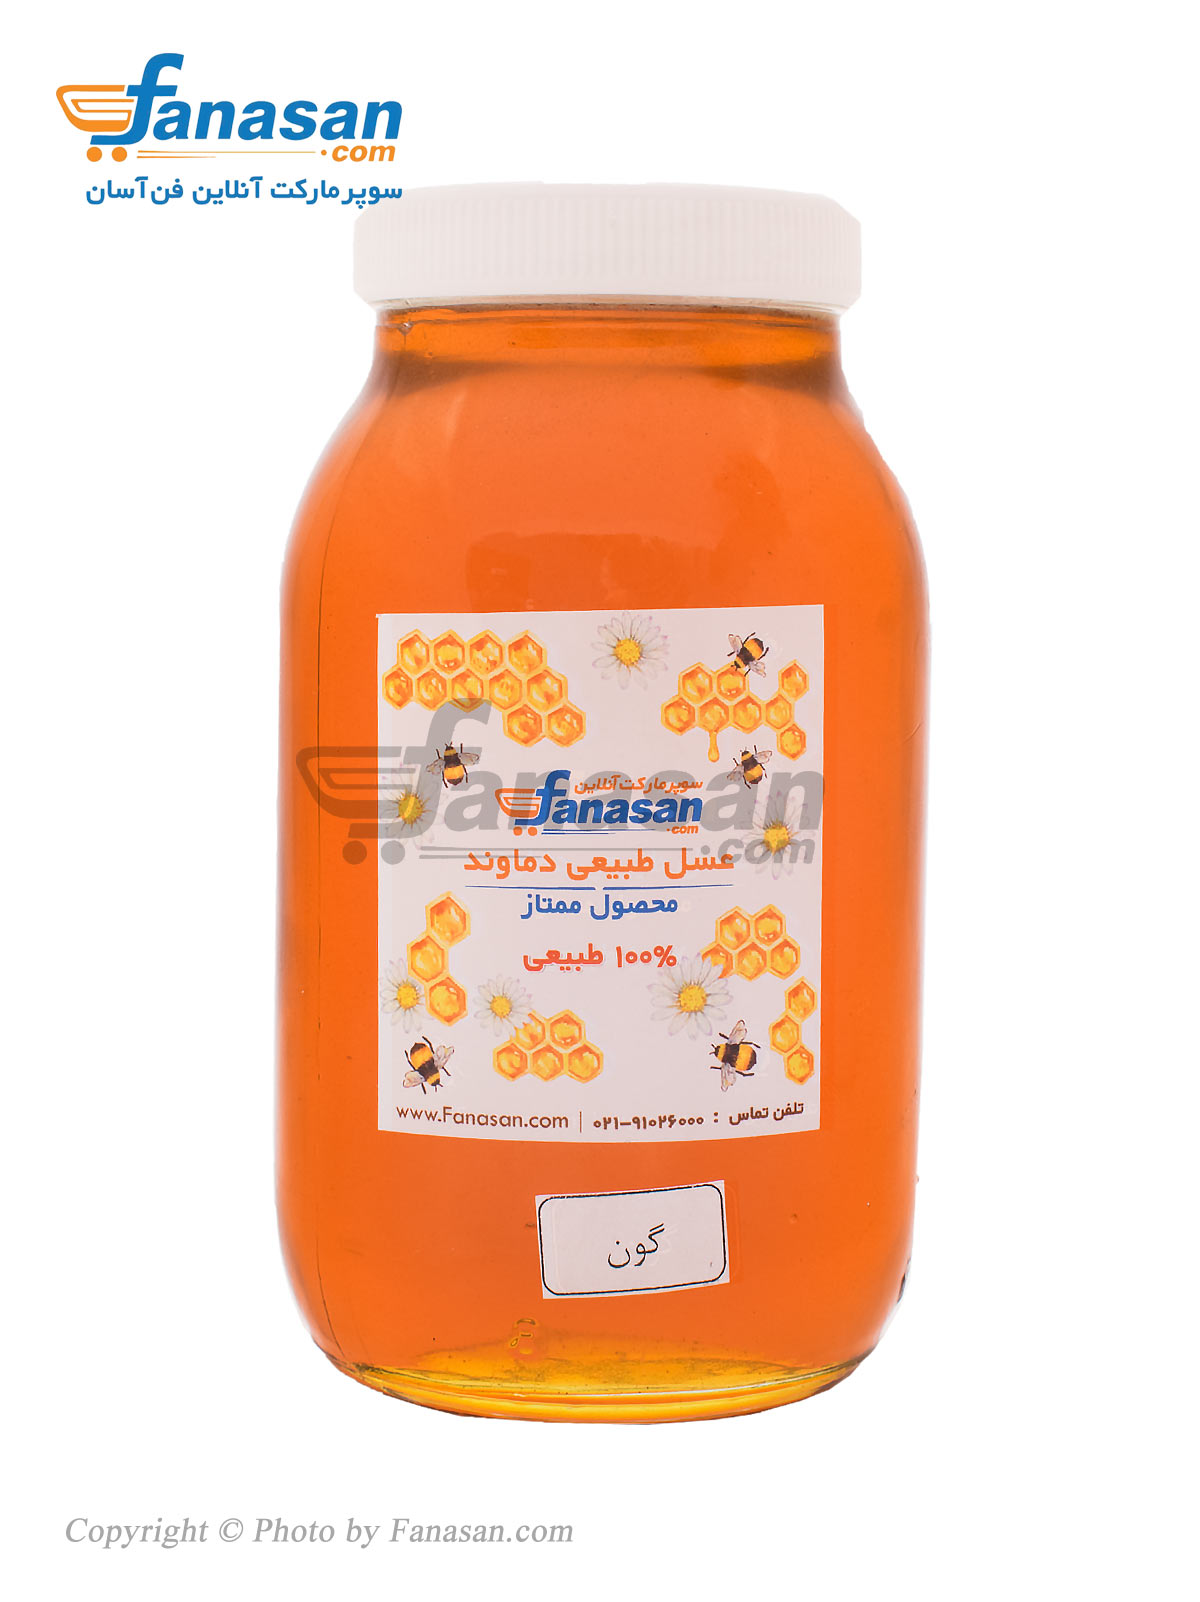 عسل طبیعی ممتاز گون فن آسان 900 گرم